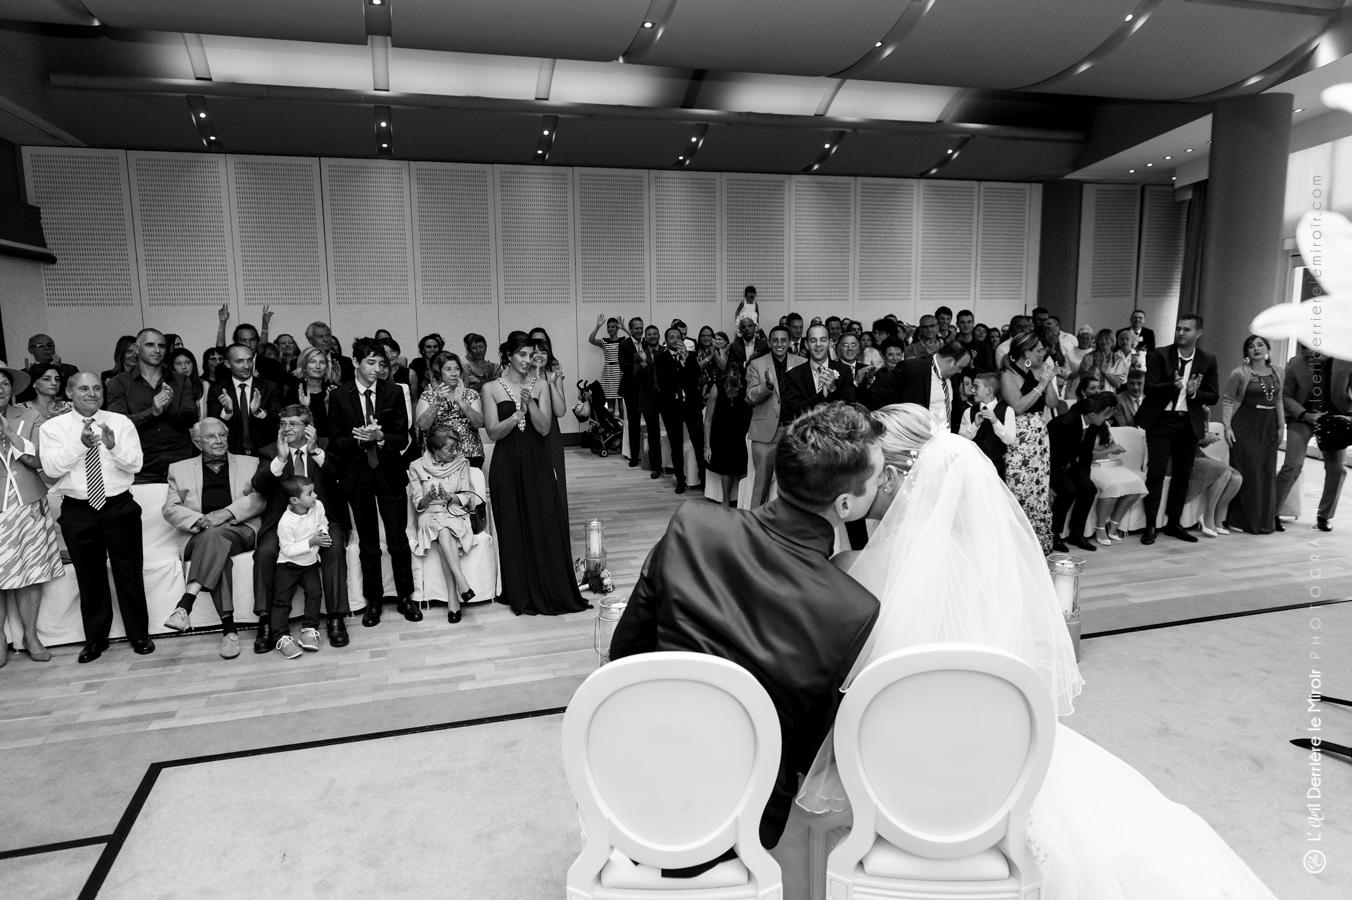 Photographe-mariage-monaco-loeilderrierelemiroir-044